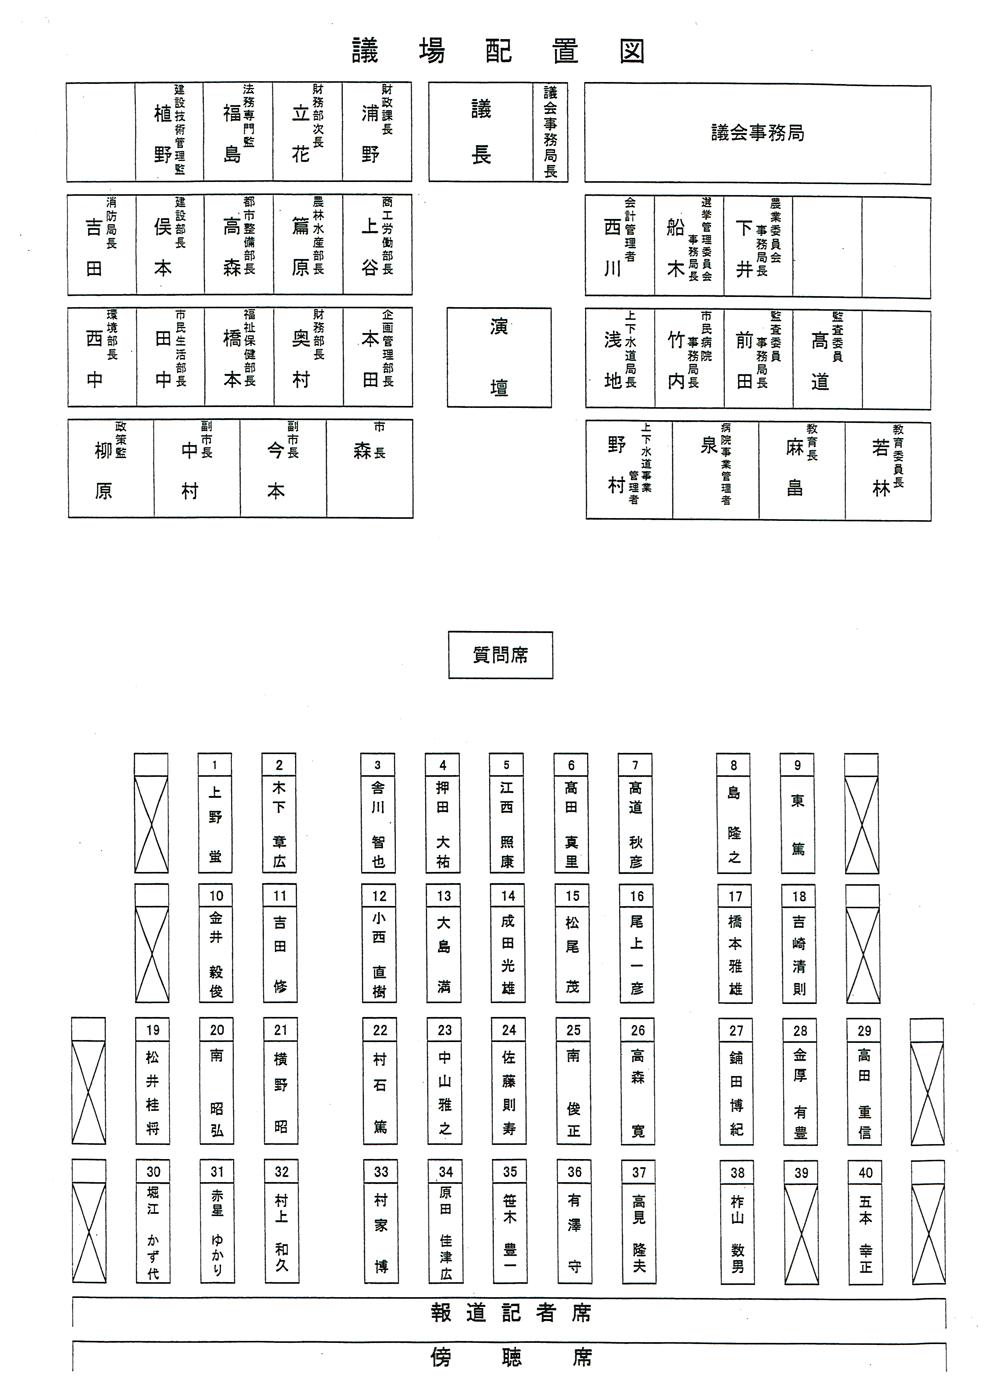 議場配置図